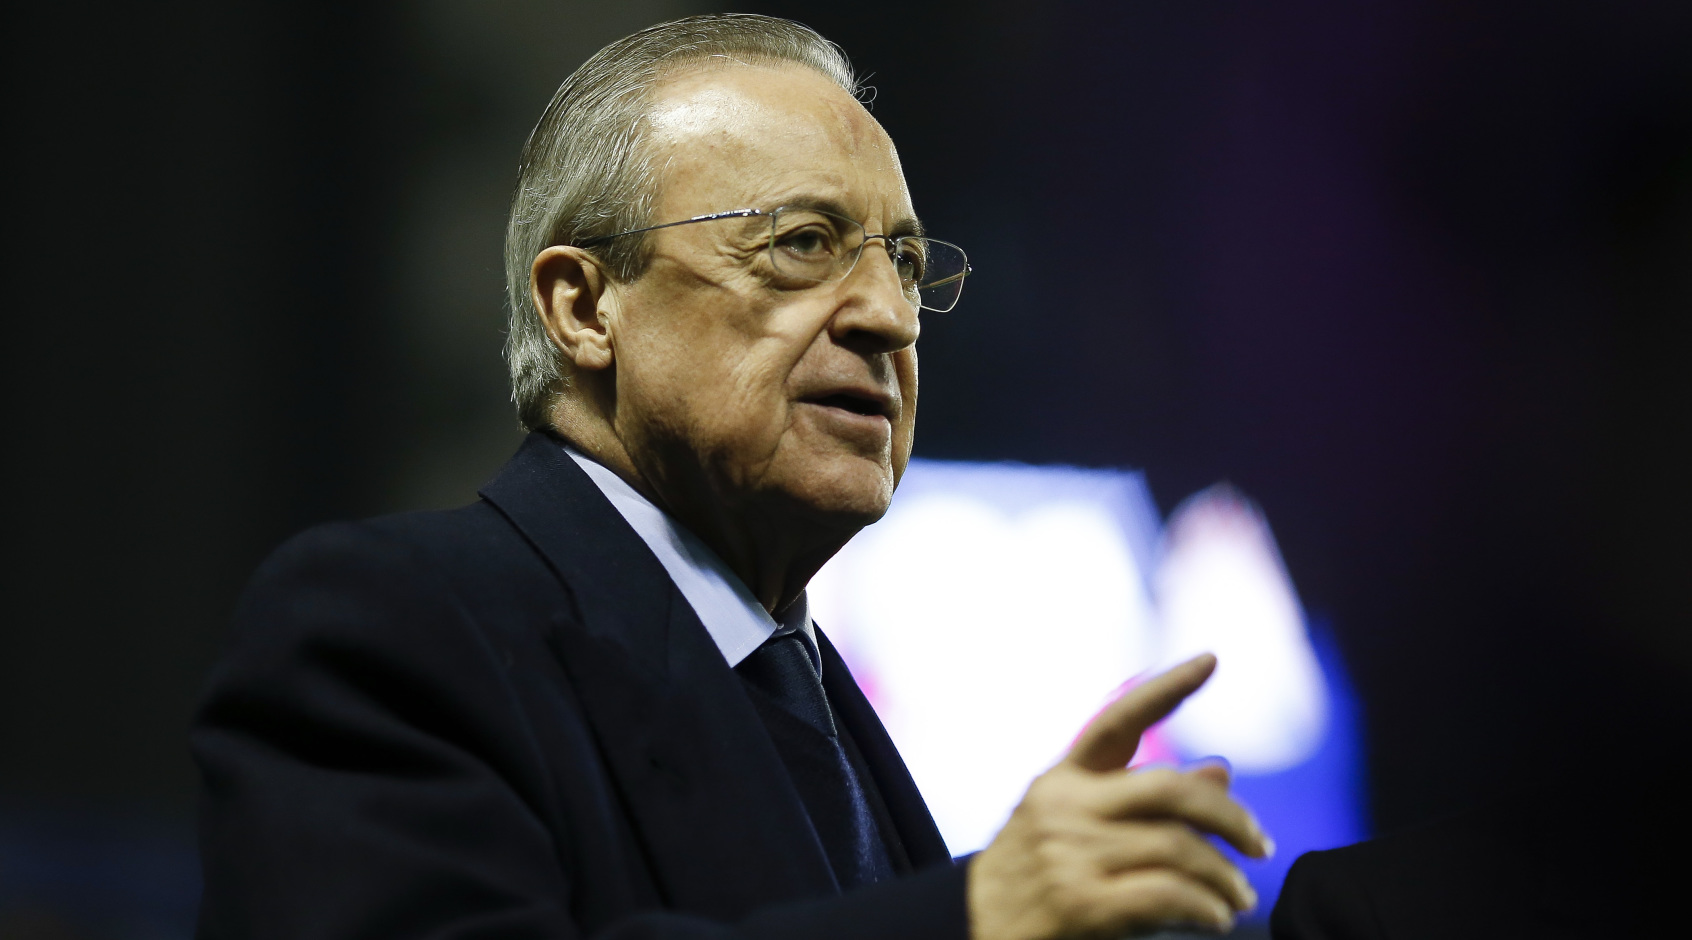 The Independent: Перес уйдет в отставку из-за оказанного на него давления